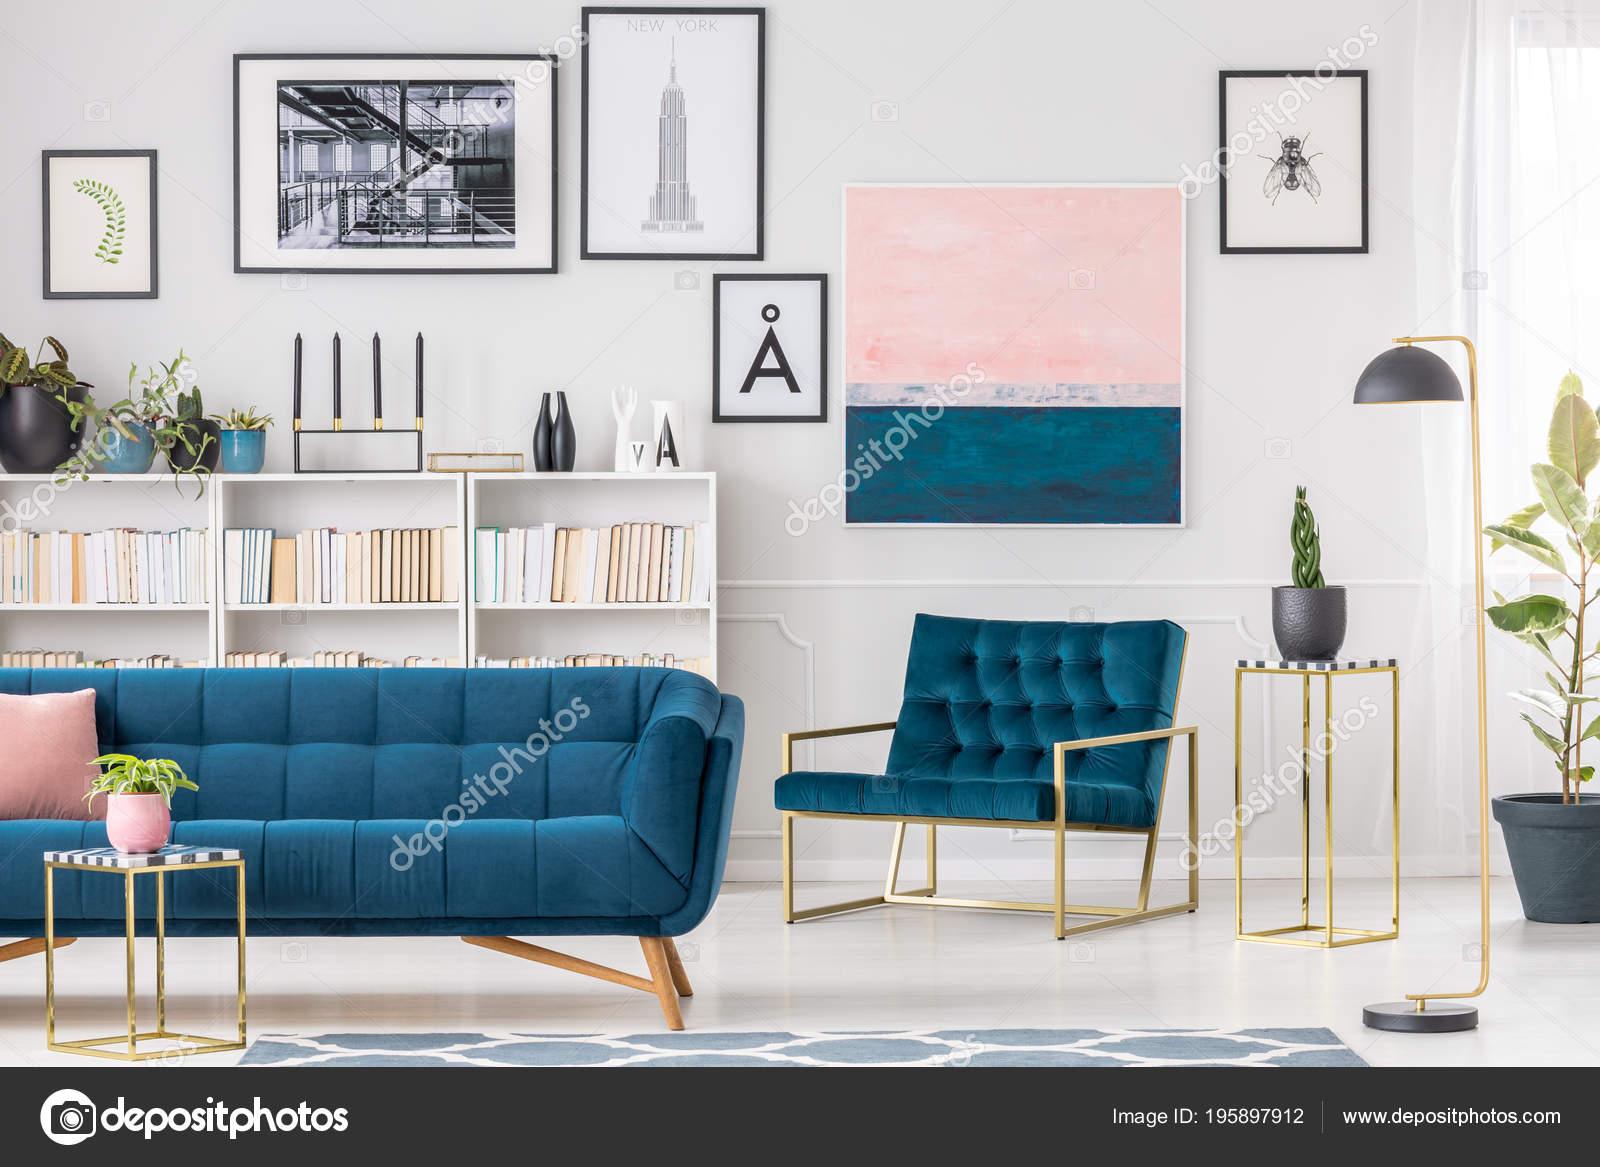 artistieke woonkamer interieur met blauwe bank en fauteuil schilderijen en gouden tabellen foto van photographeeeu